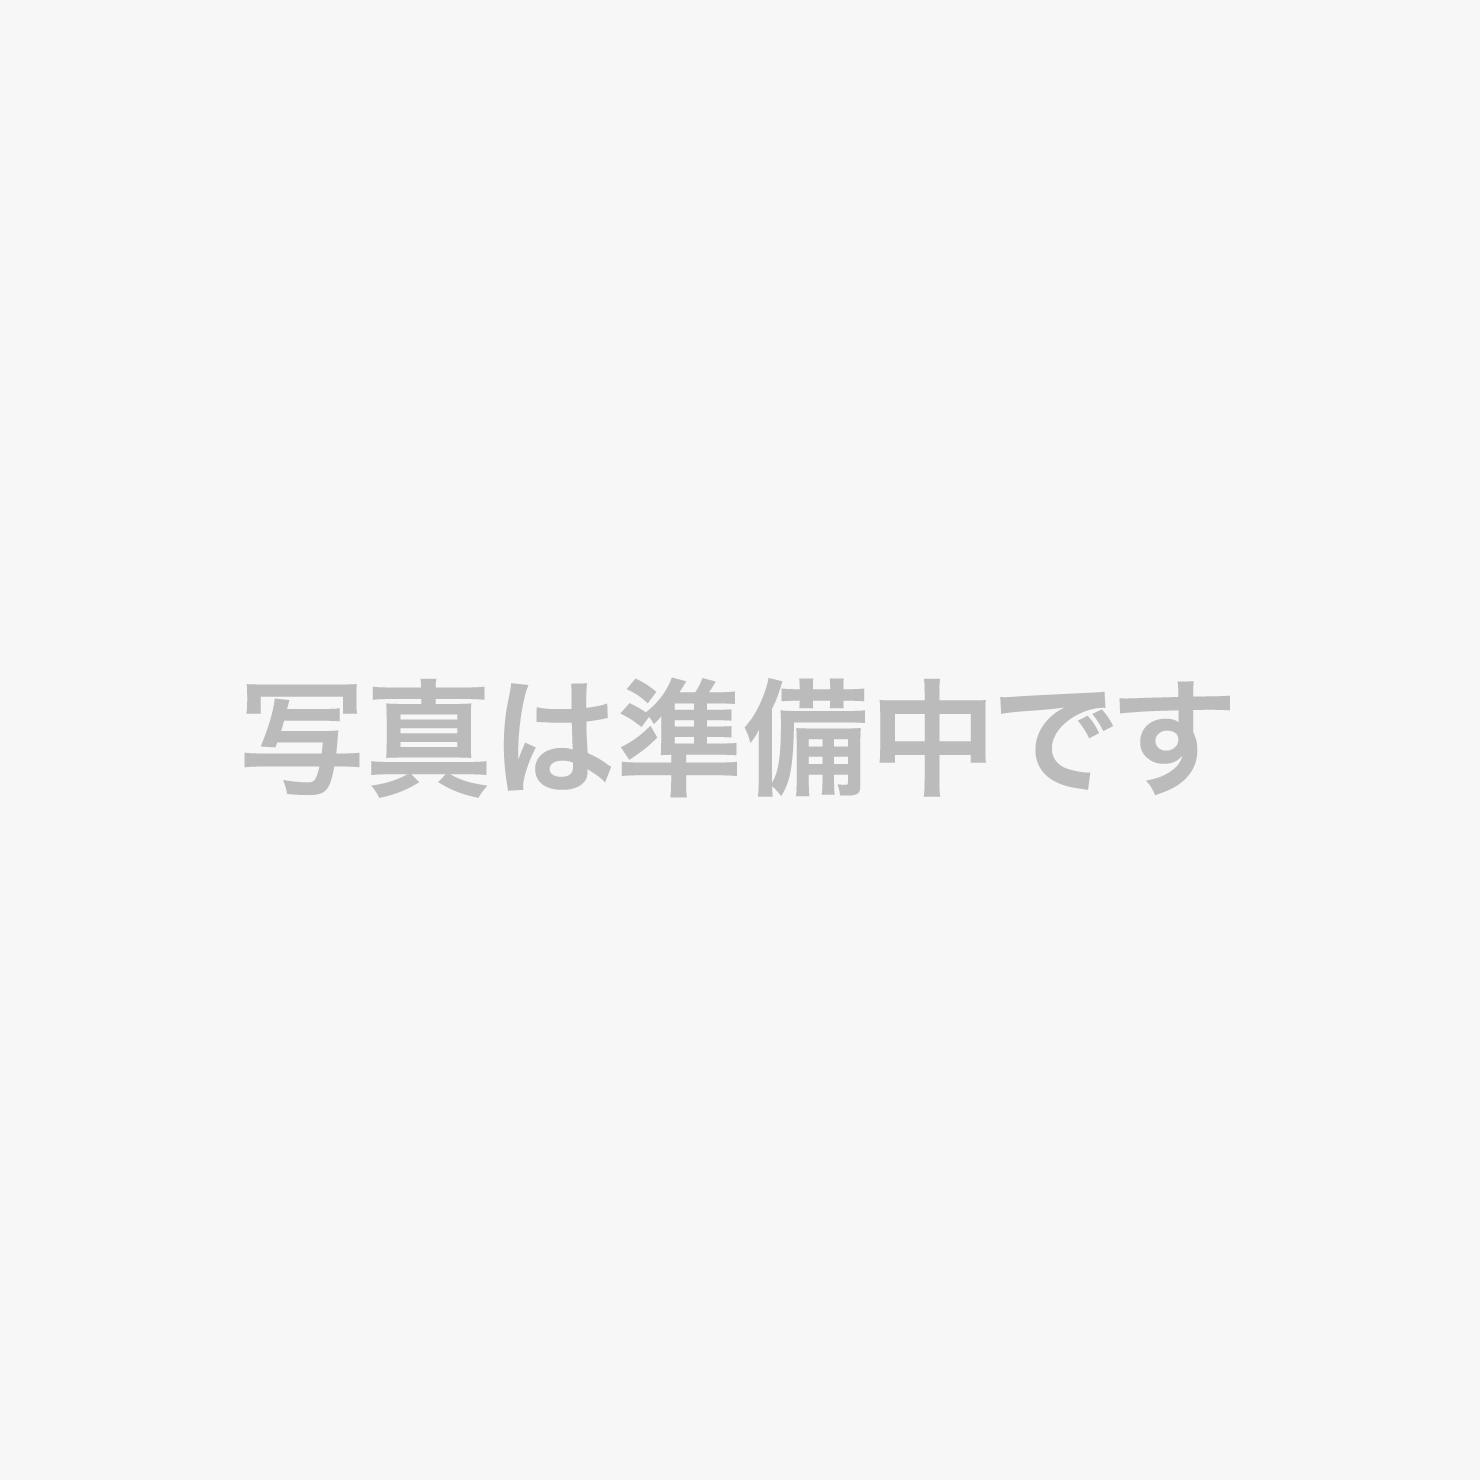 【バスルームアメニティ】京都の四季や風景を表現♪(全室)